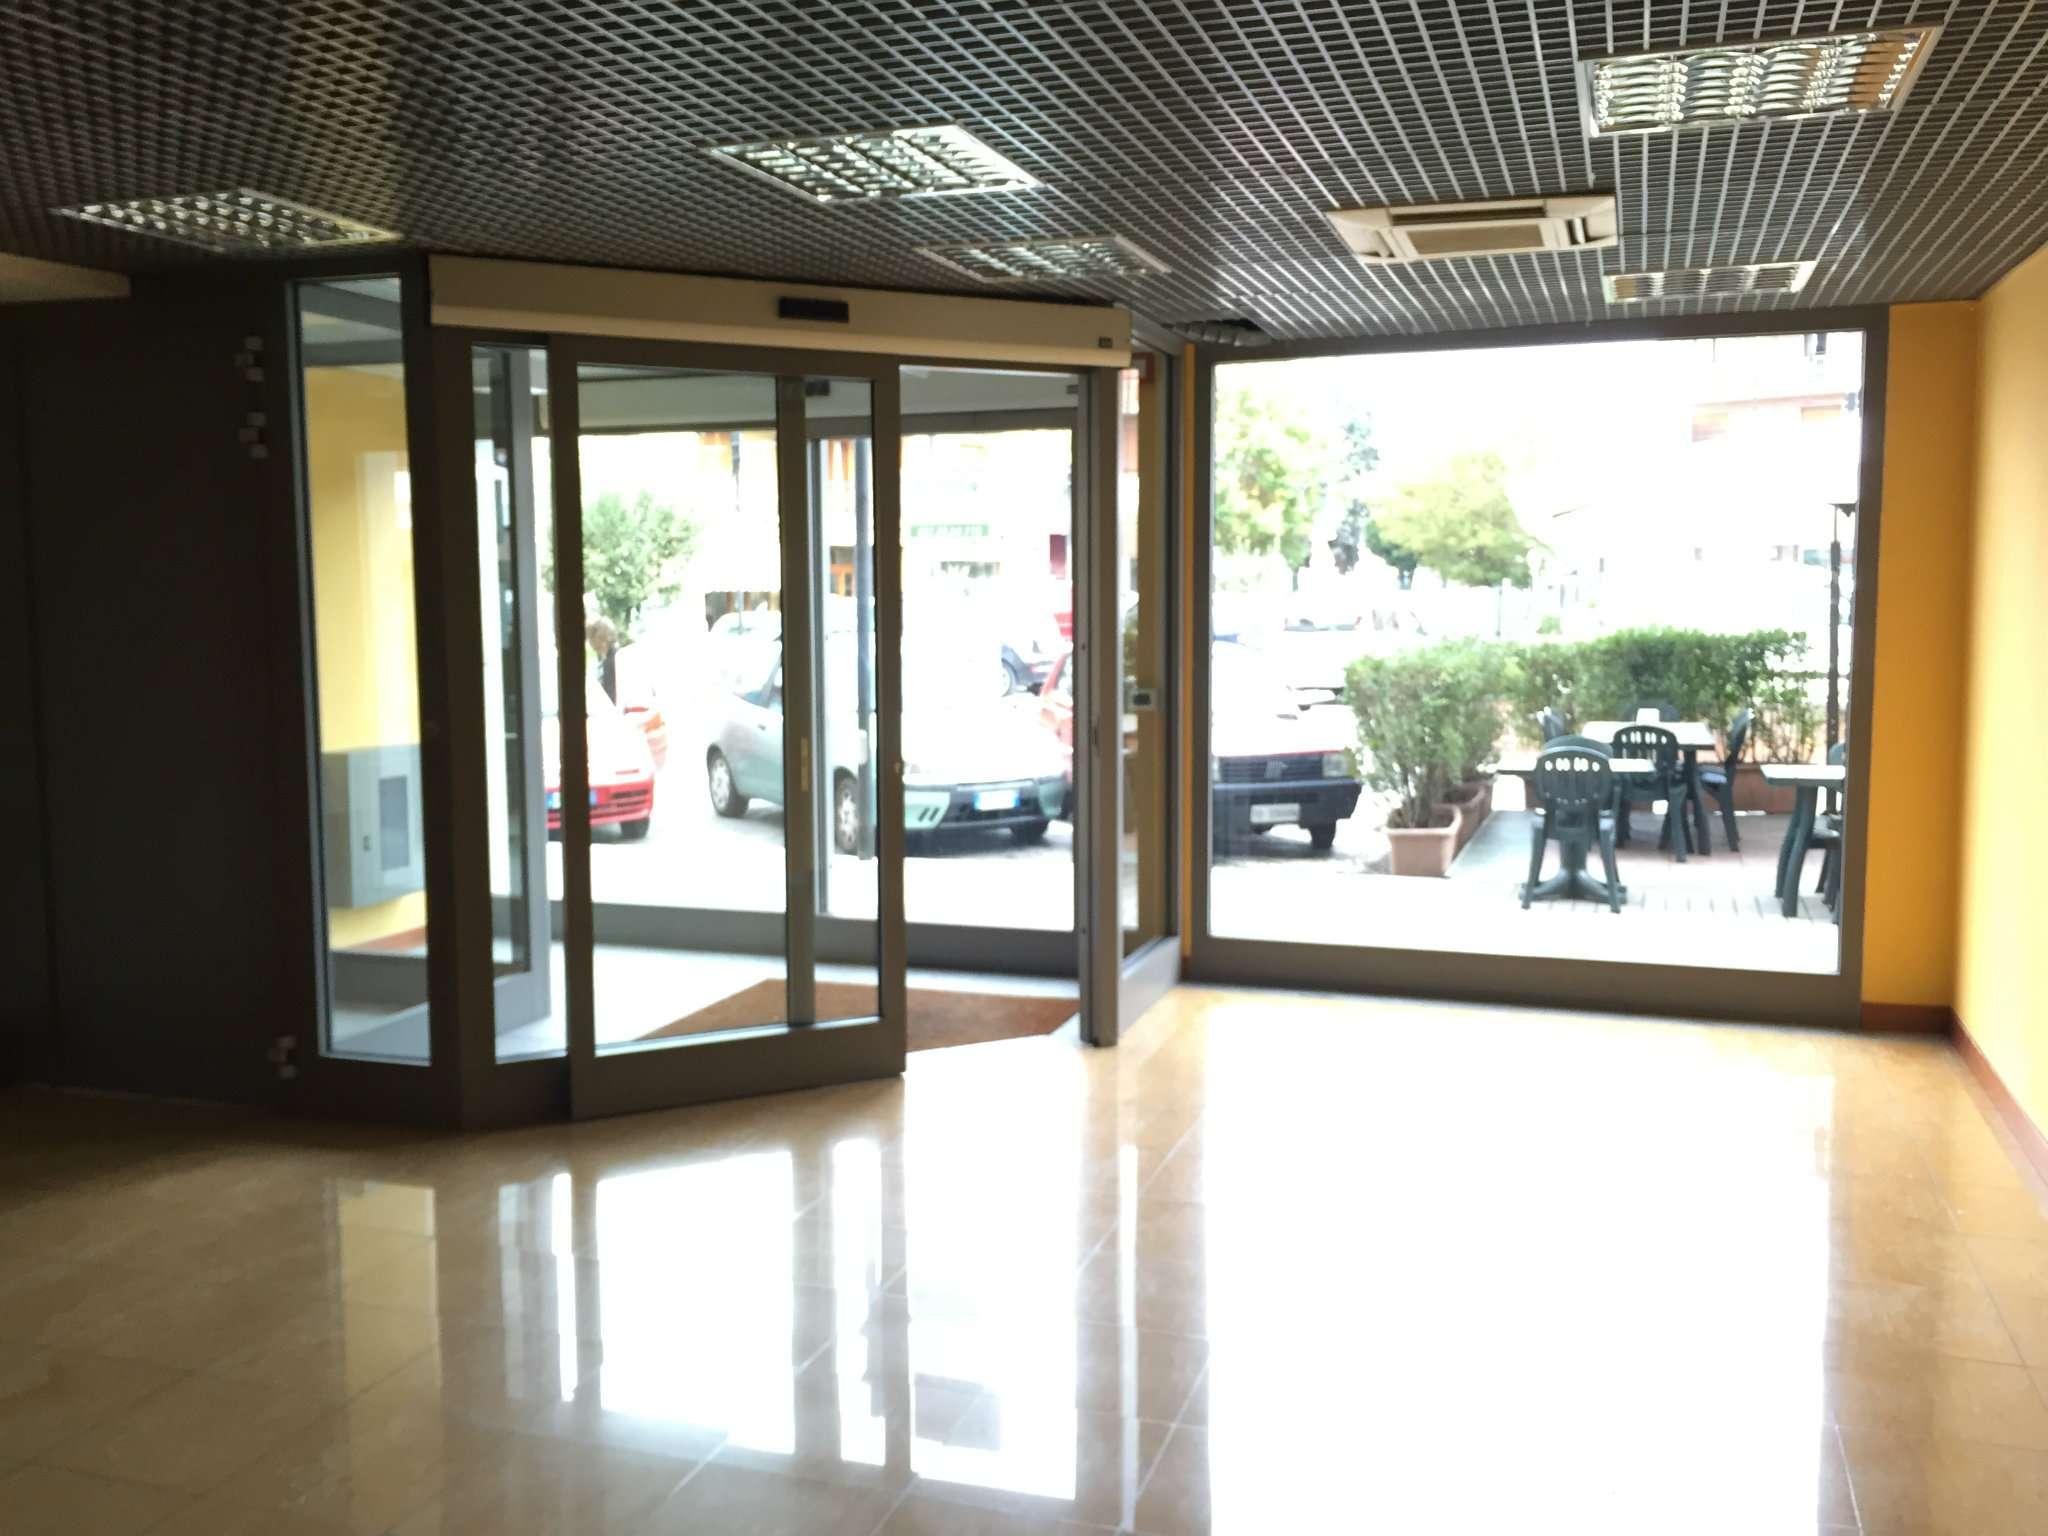 Negozio / Locale in affitto a Santena, 1 locali, prezzo € 1.600 | CambioCasa.it